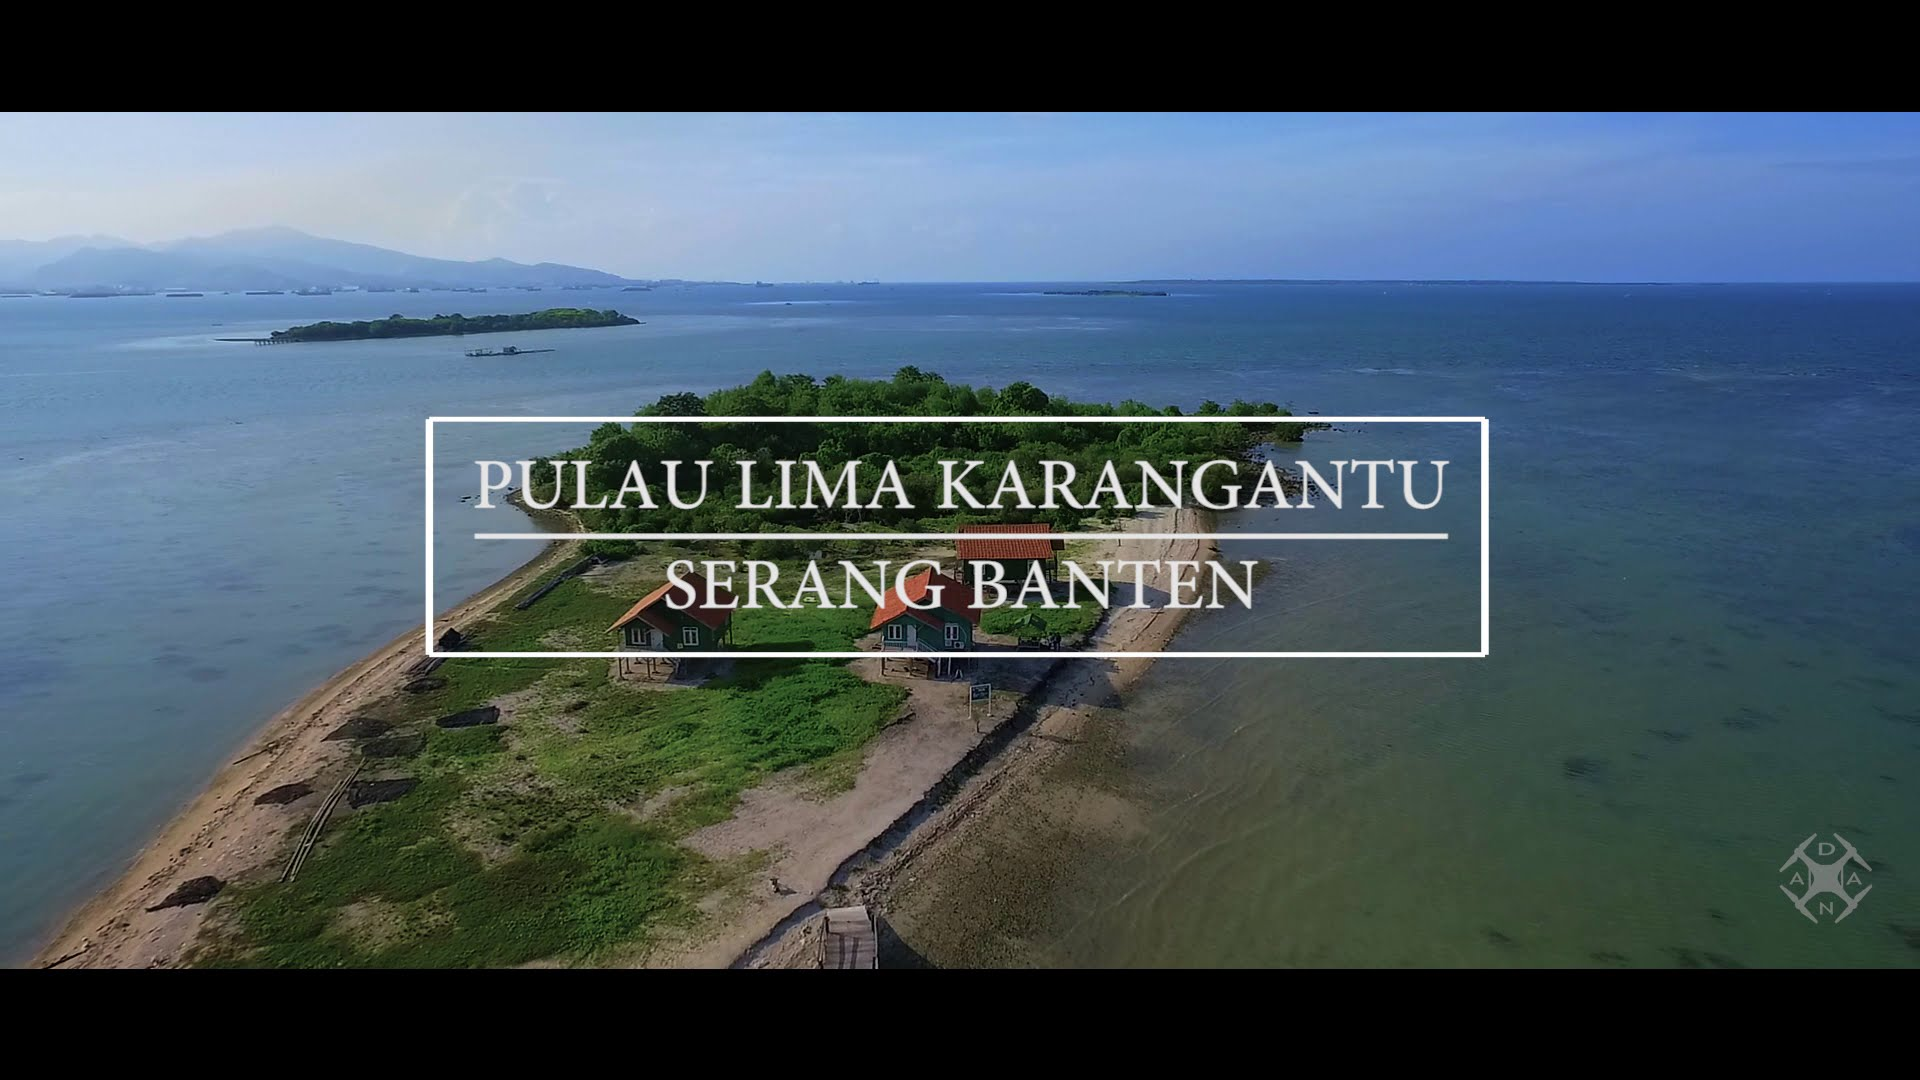 Aerial Video Pulau Lima Karangantu Serang Banten Dji Phantom 3